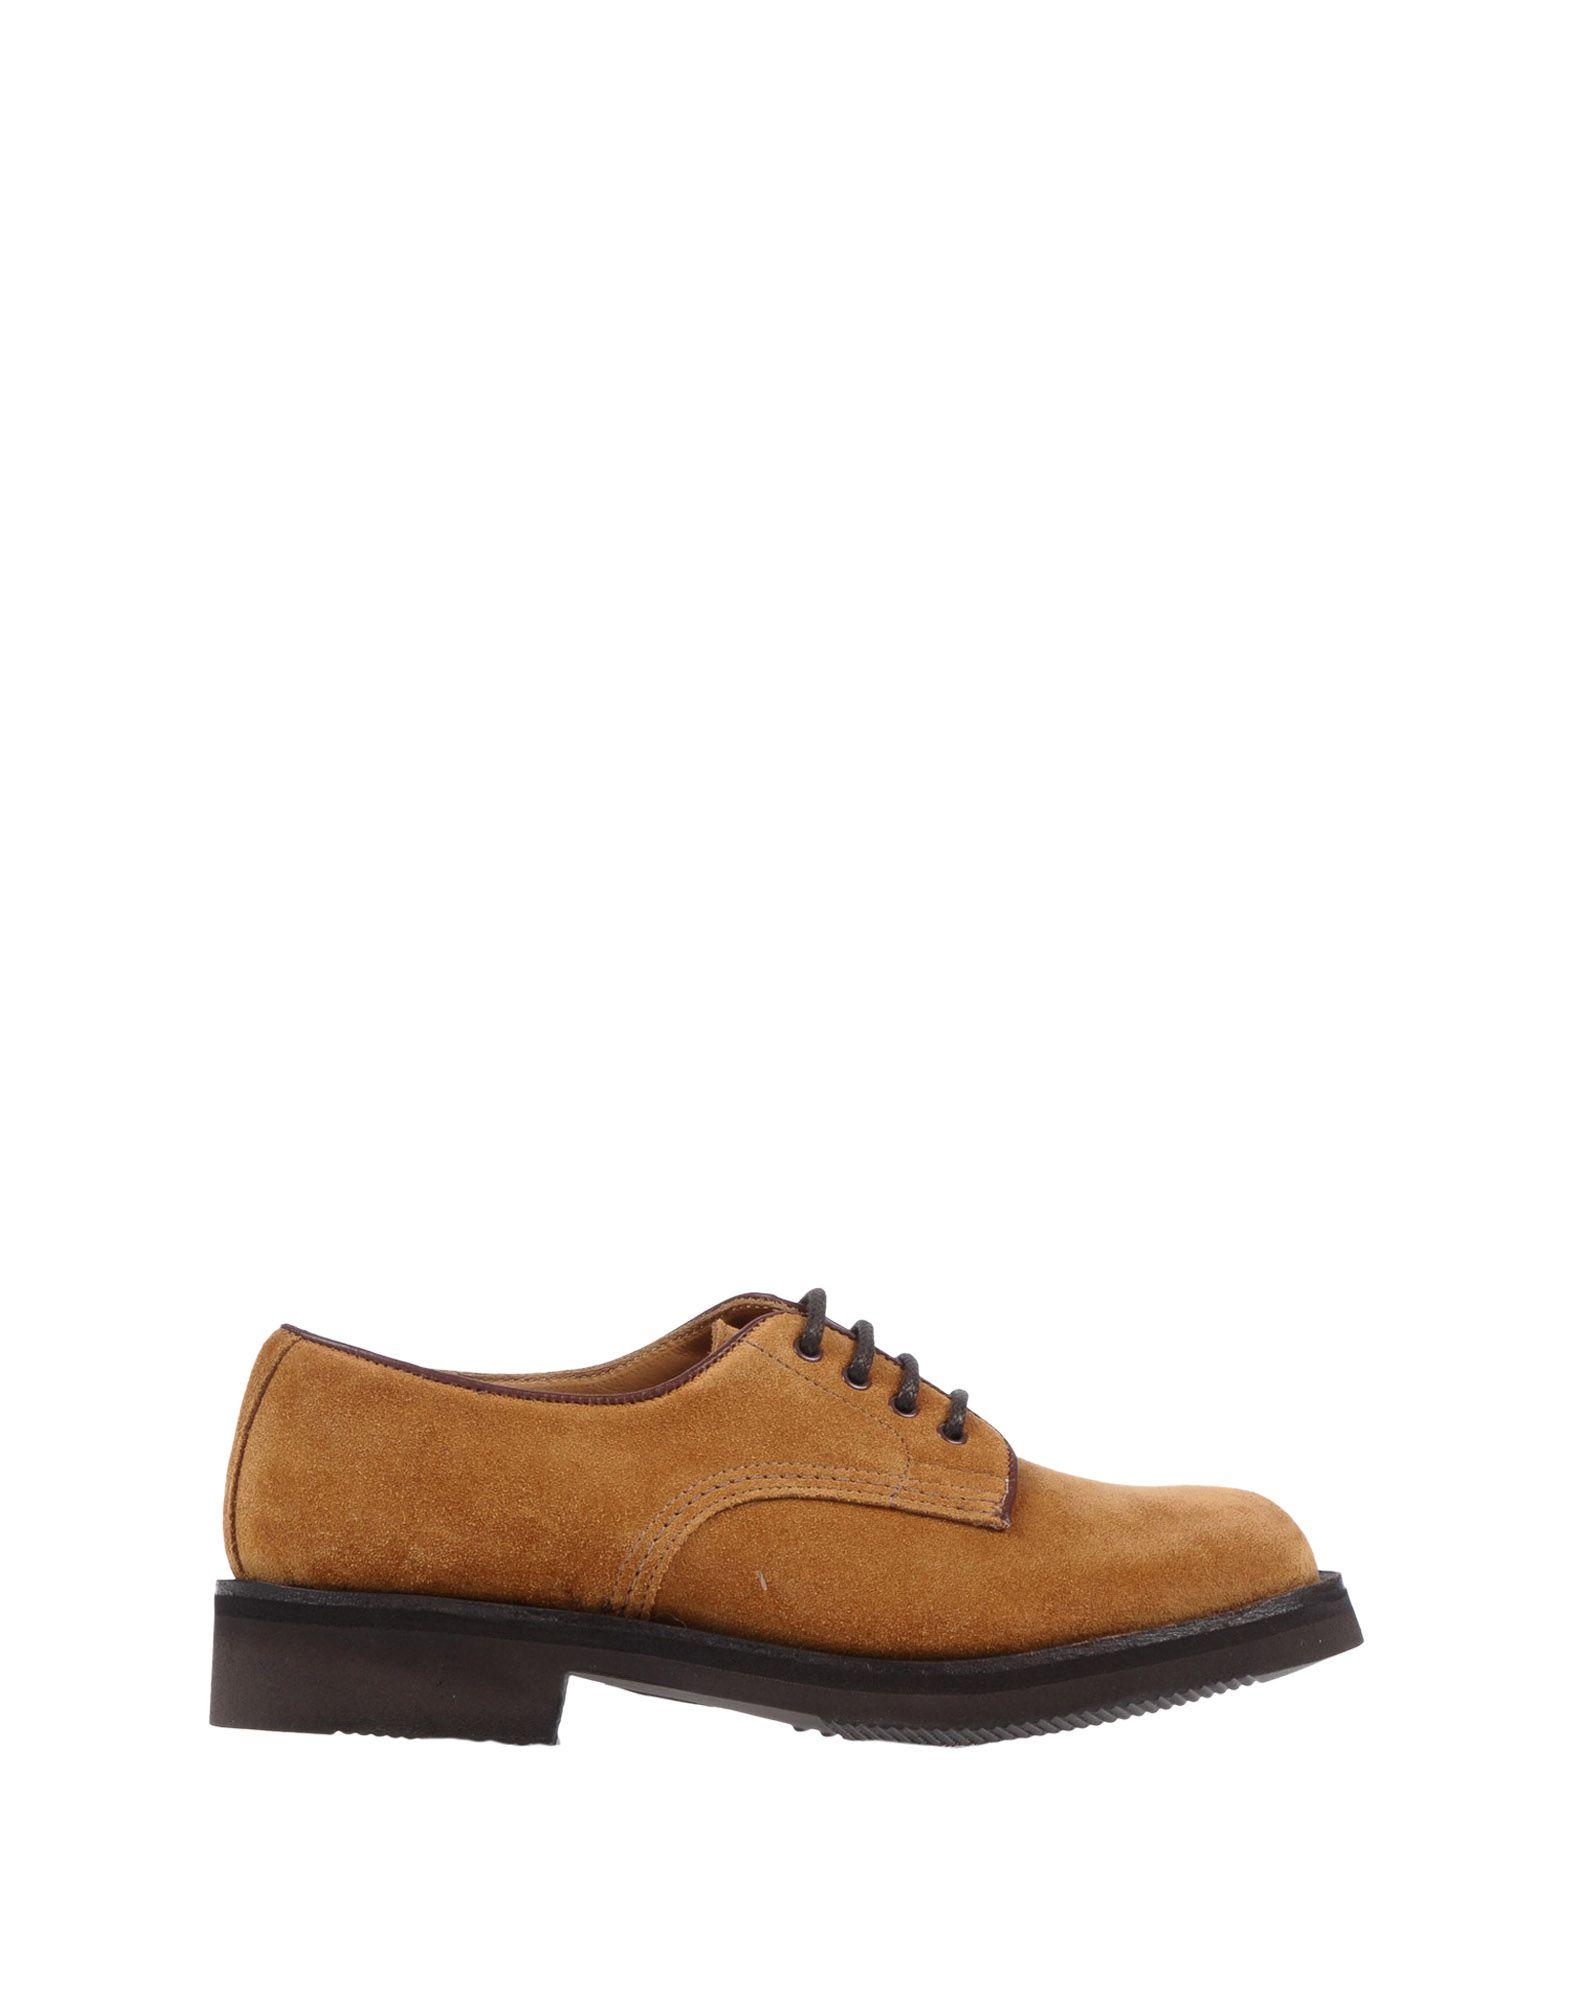 Stilvolle billige Schnürschuhe Schuhe Tricker's Schnürschuhe billige Damen  11497390JL 24aaf2